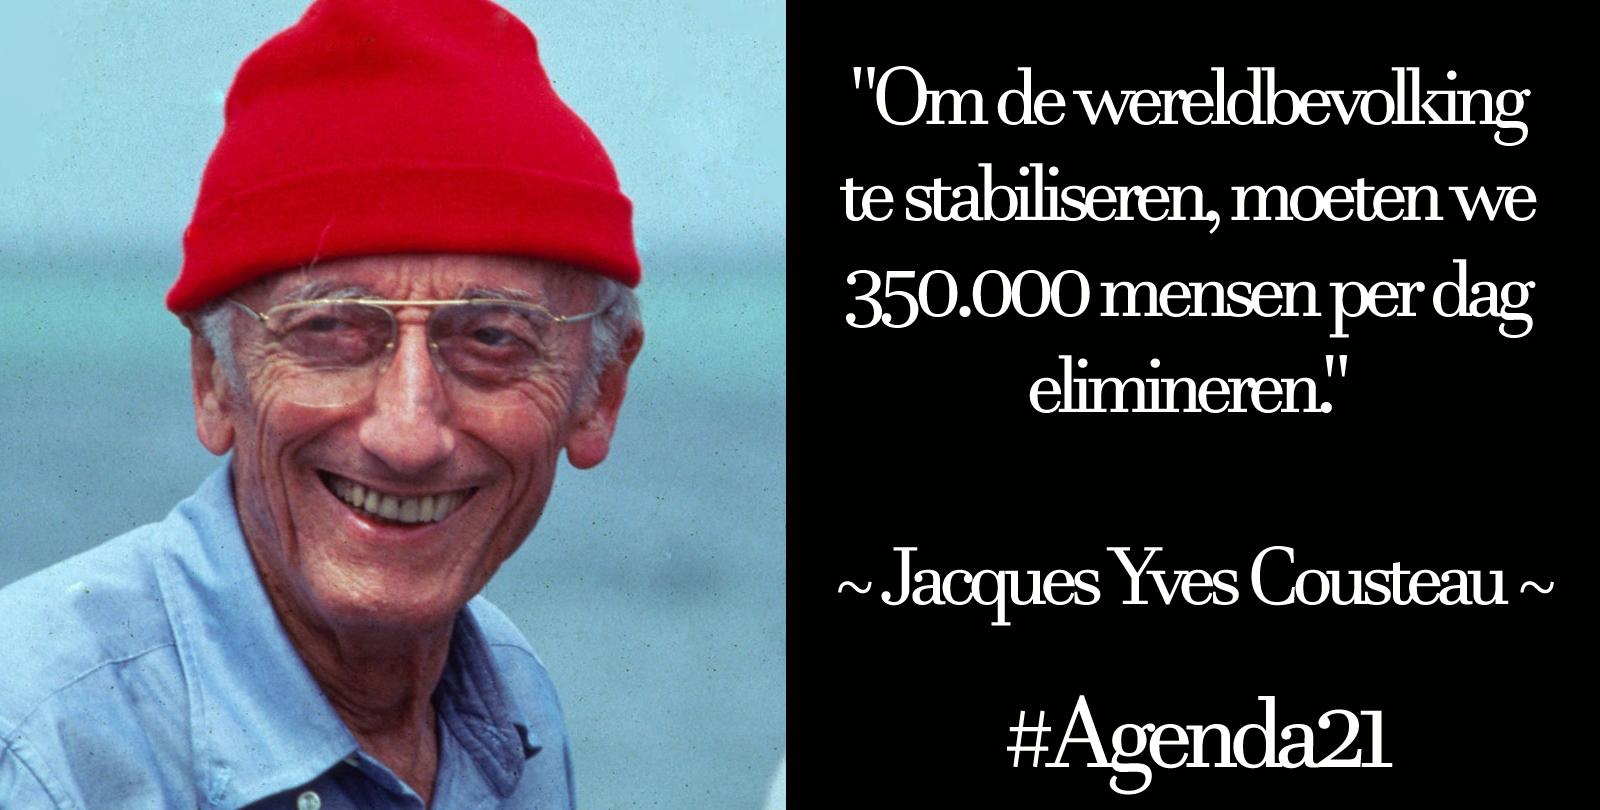 Agenda21-Jacques-Cousteau